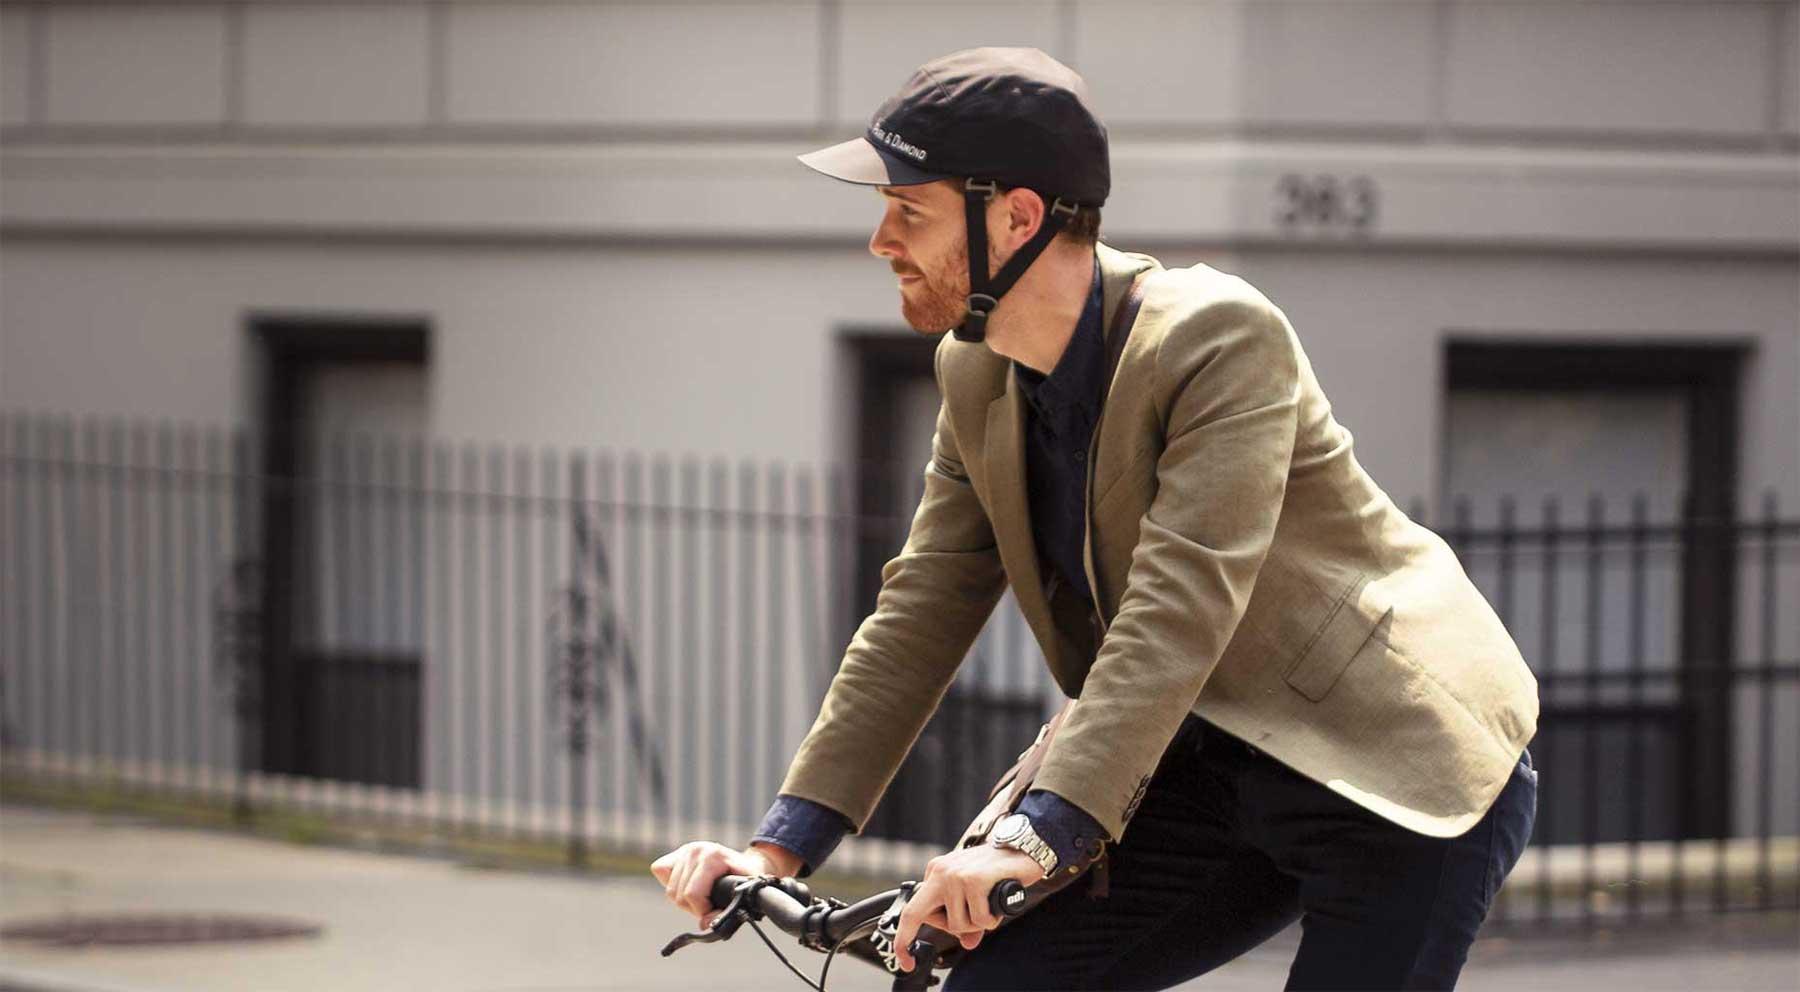 Dieser faltbare Fahrradhelm sieht wie eine Cappy aus park-and-diamond-fatlbarer-fahrradhelm_02